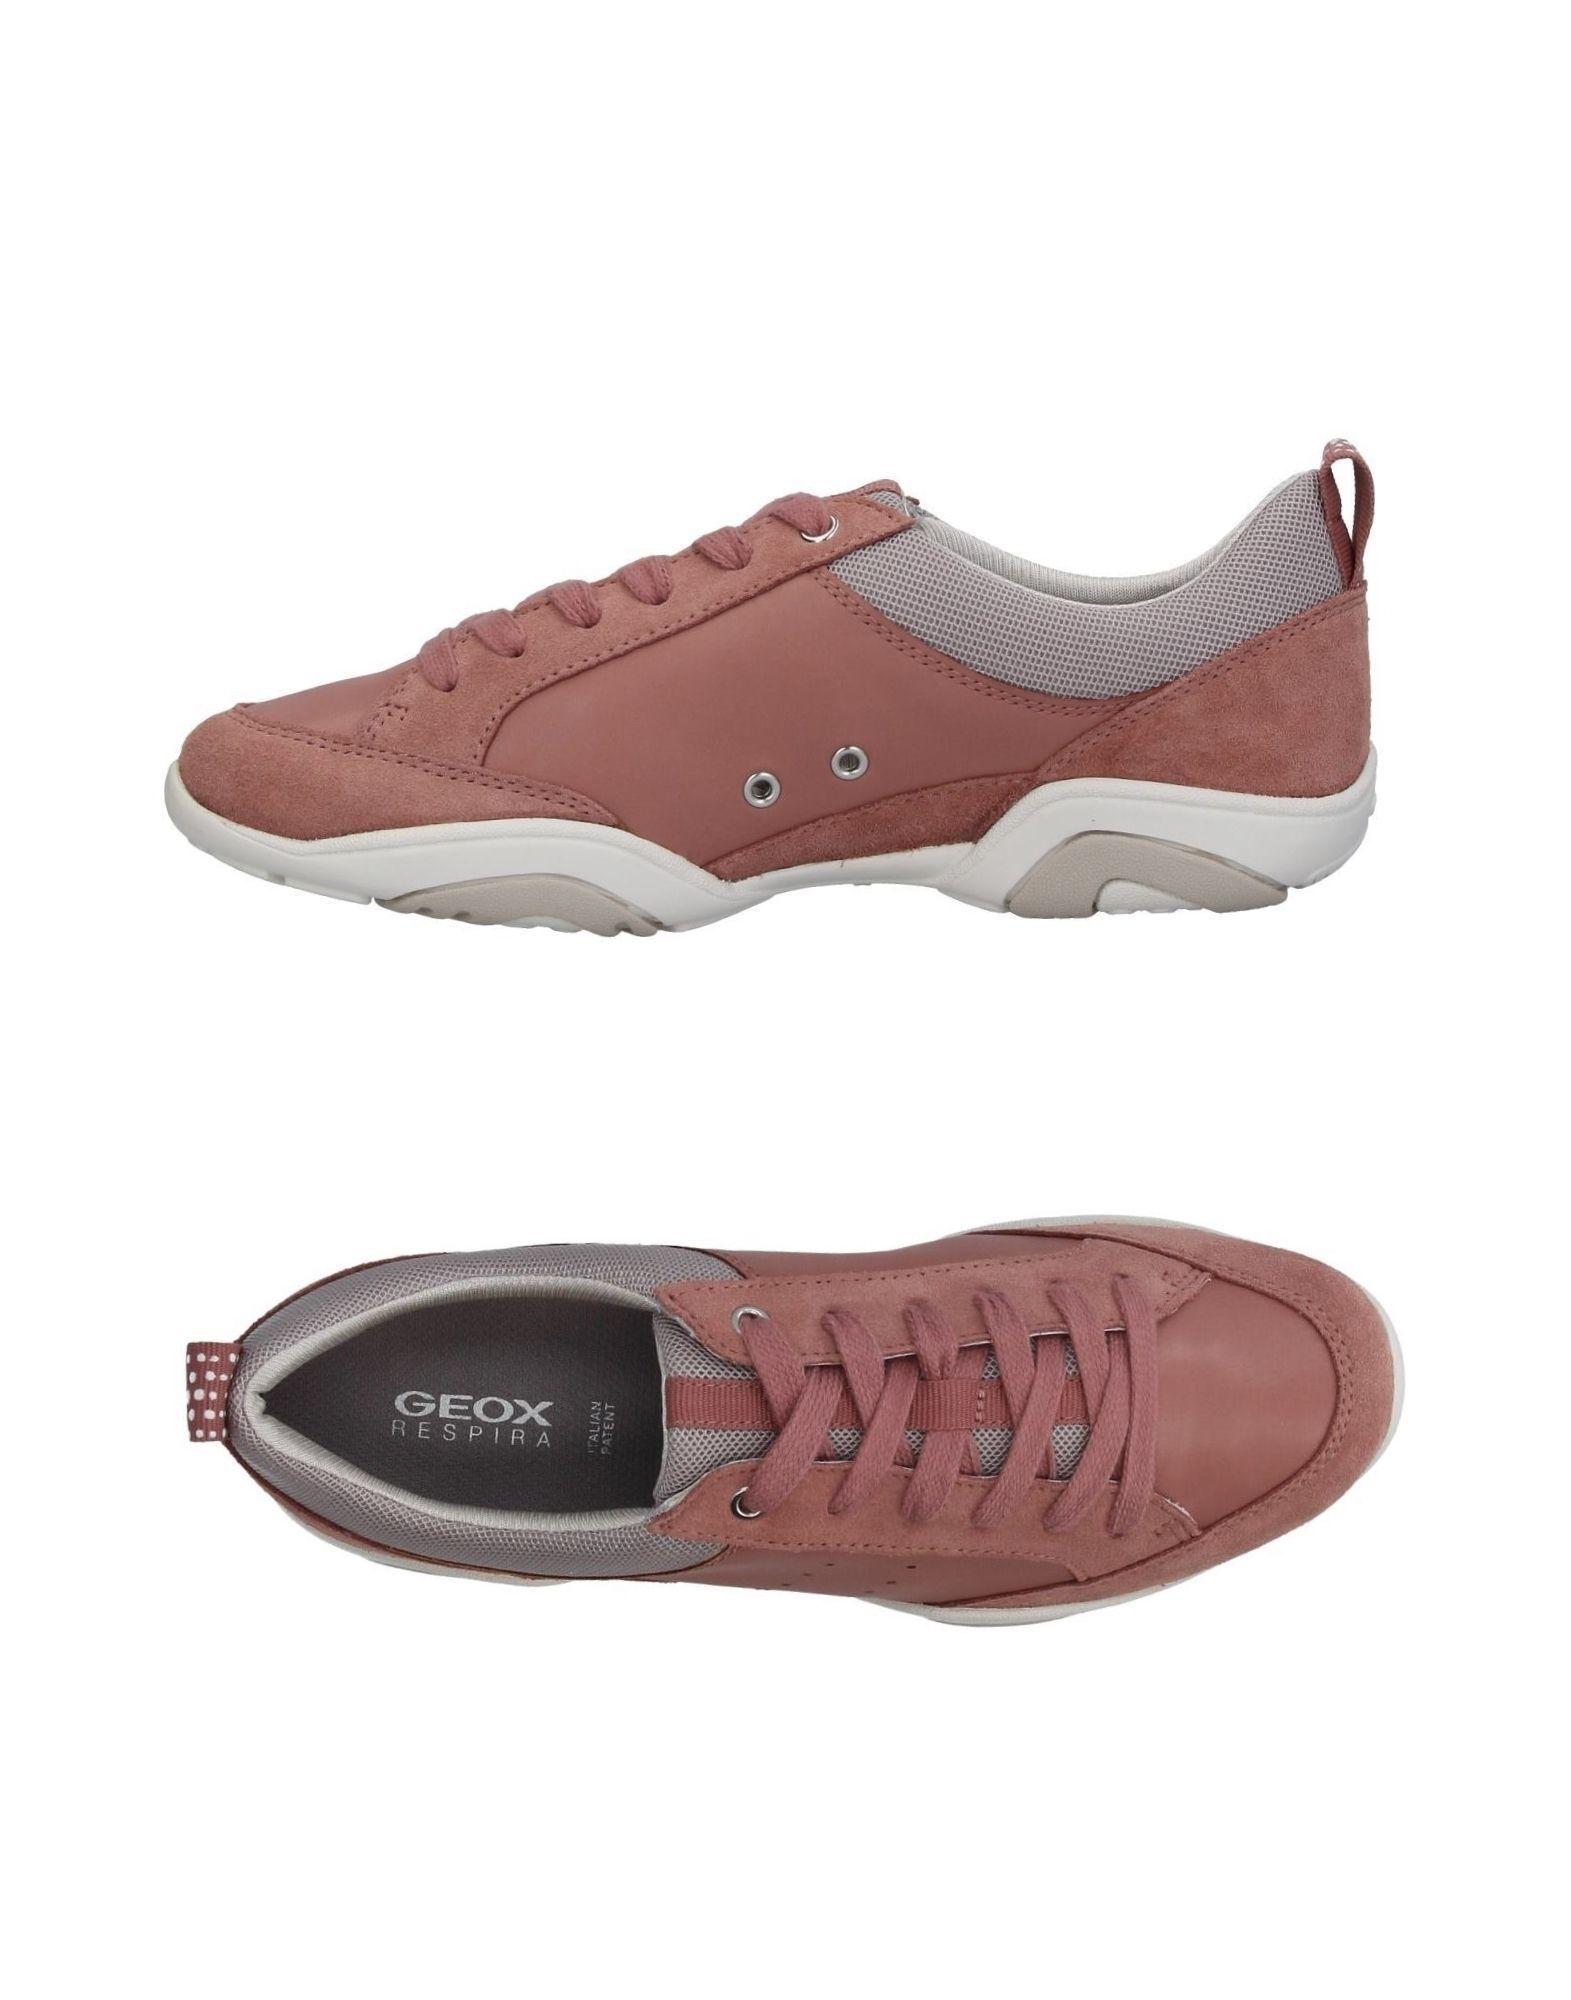 64adfc9172 Todos lo talles y colores diponibles. Estos son los nuevos modelos de  zapatos PRIMARK. En zapatosdemoda tenemos calzado para hombres, mujeres y  niños.